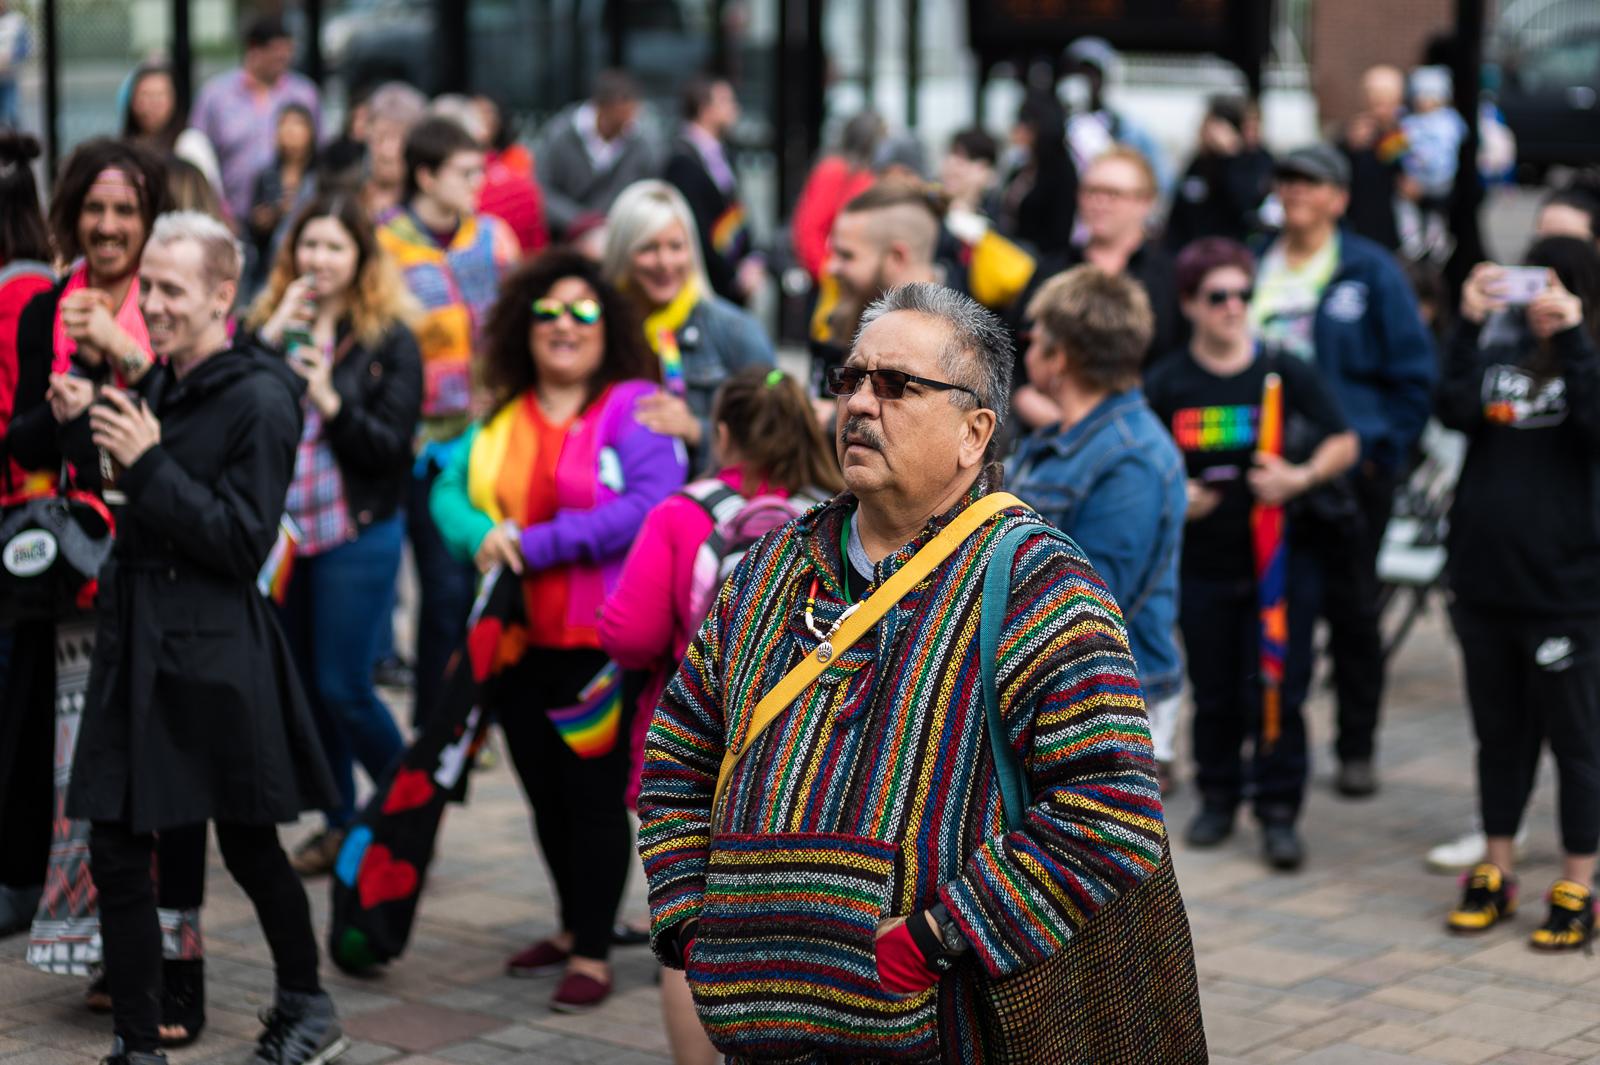 pride-2019-opening-ceremonies-blog-57.jpg